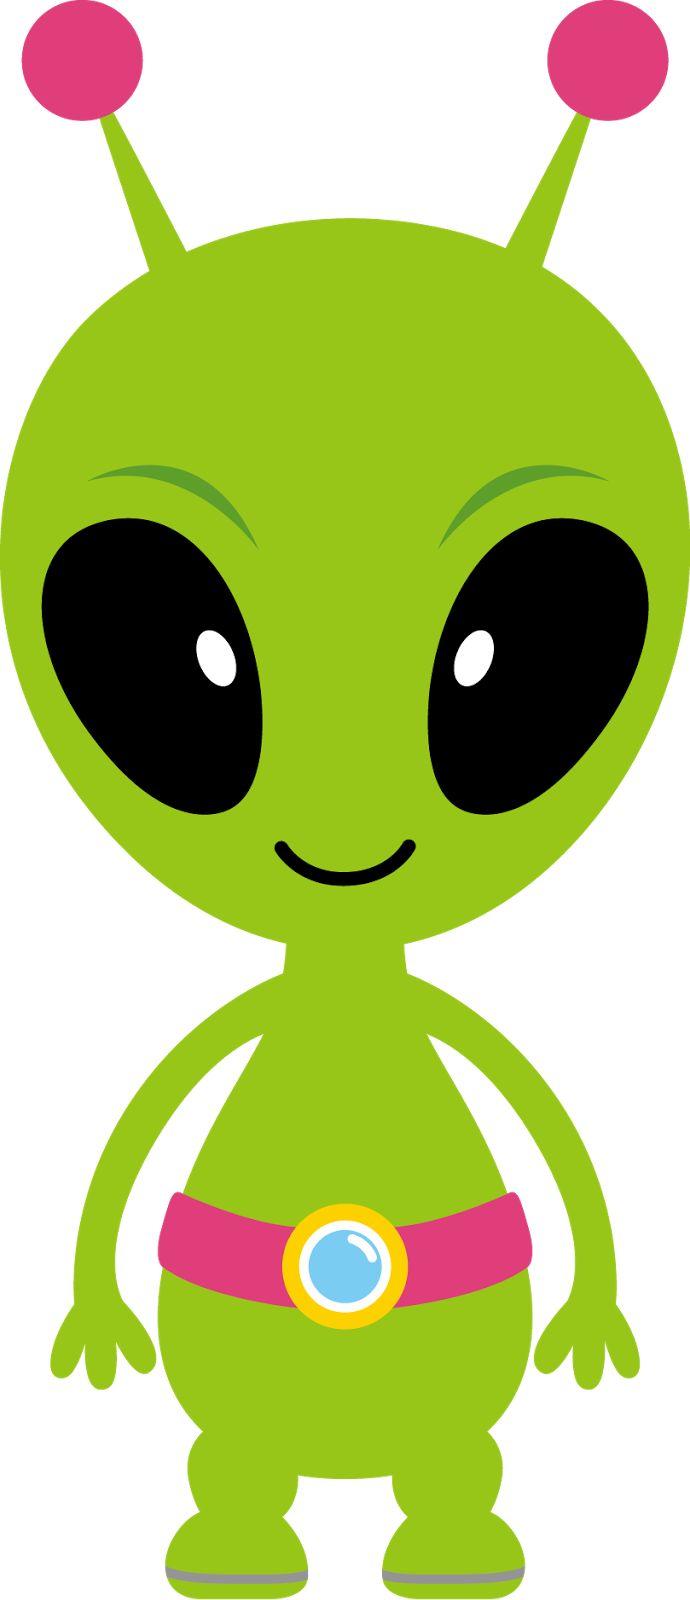 690x1600 Aliens Spaceship Clipart